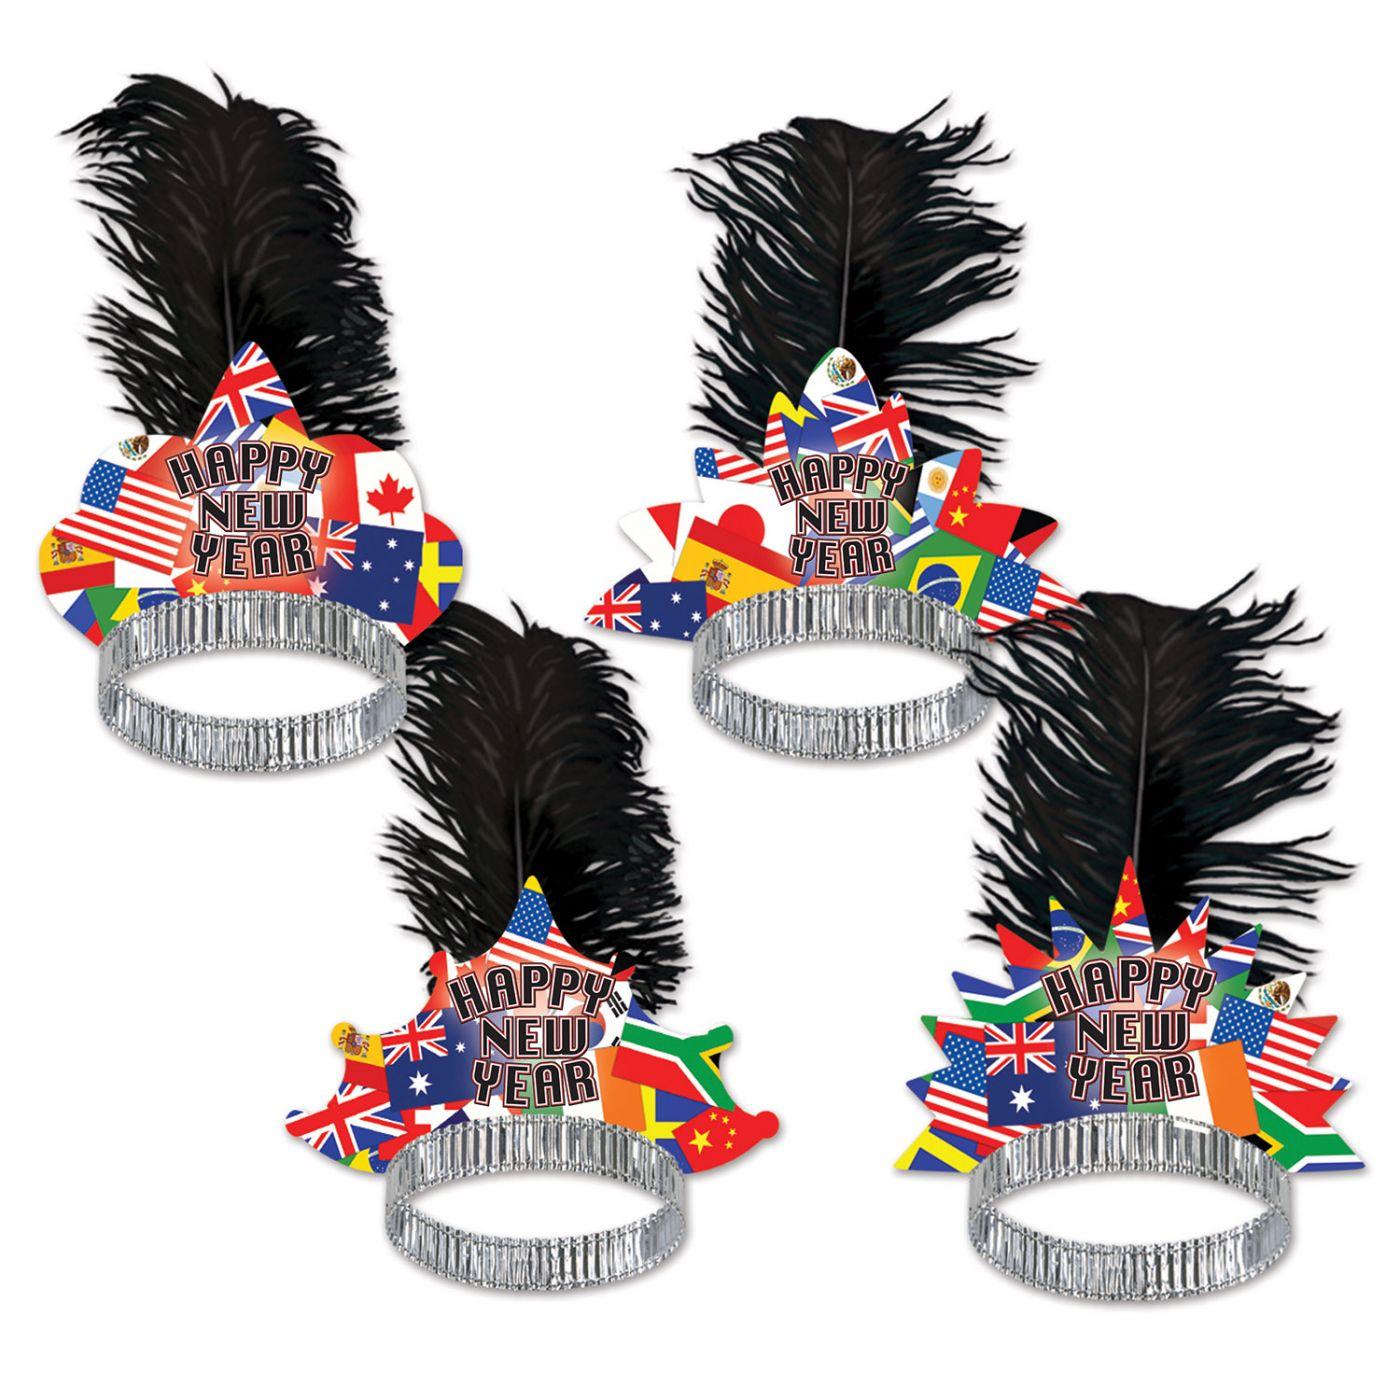 International Tiaras (50) image